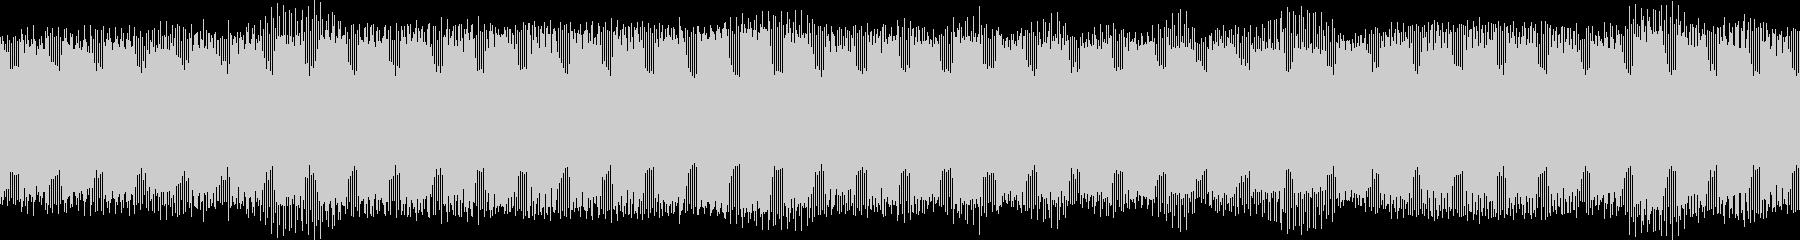 環境音・ハムノイズ(ブーン)の未再生の波形